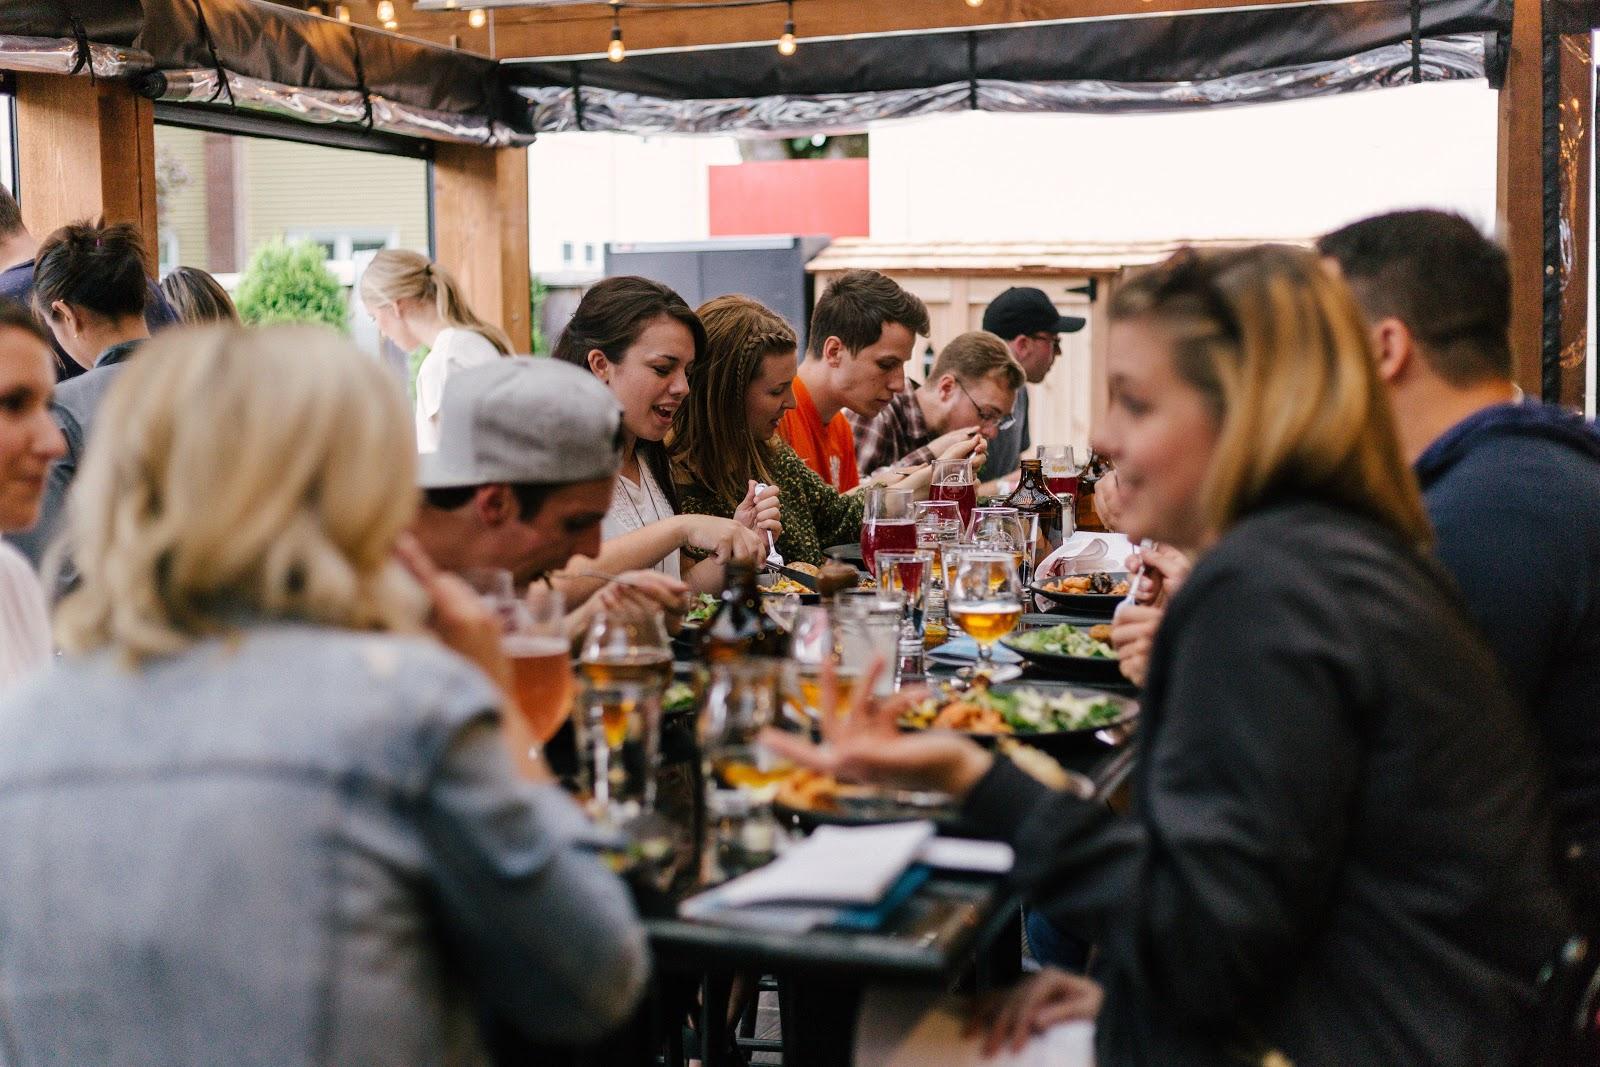 Várias pessoas comendo e conversando em uma longa mesa.